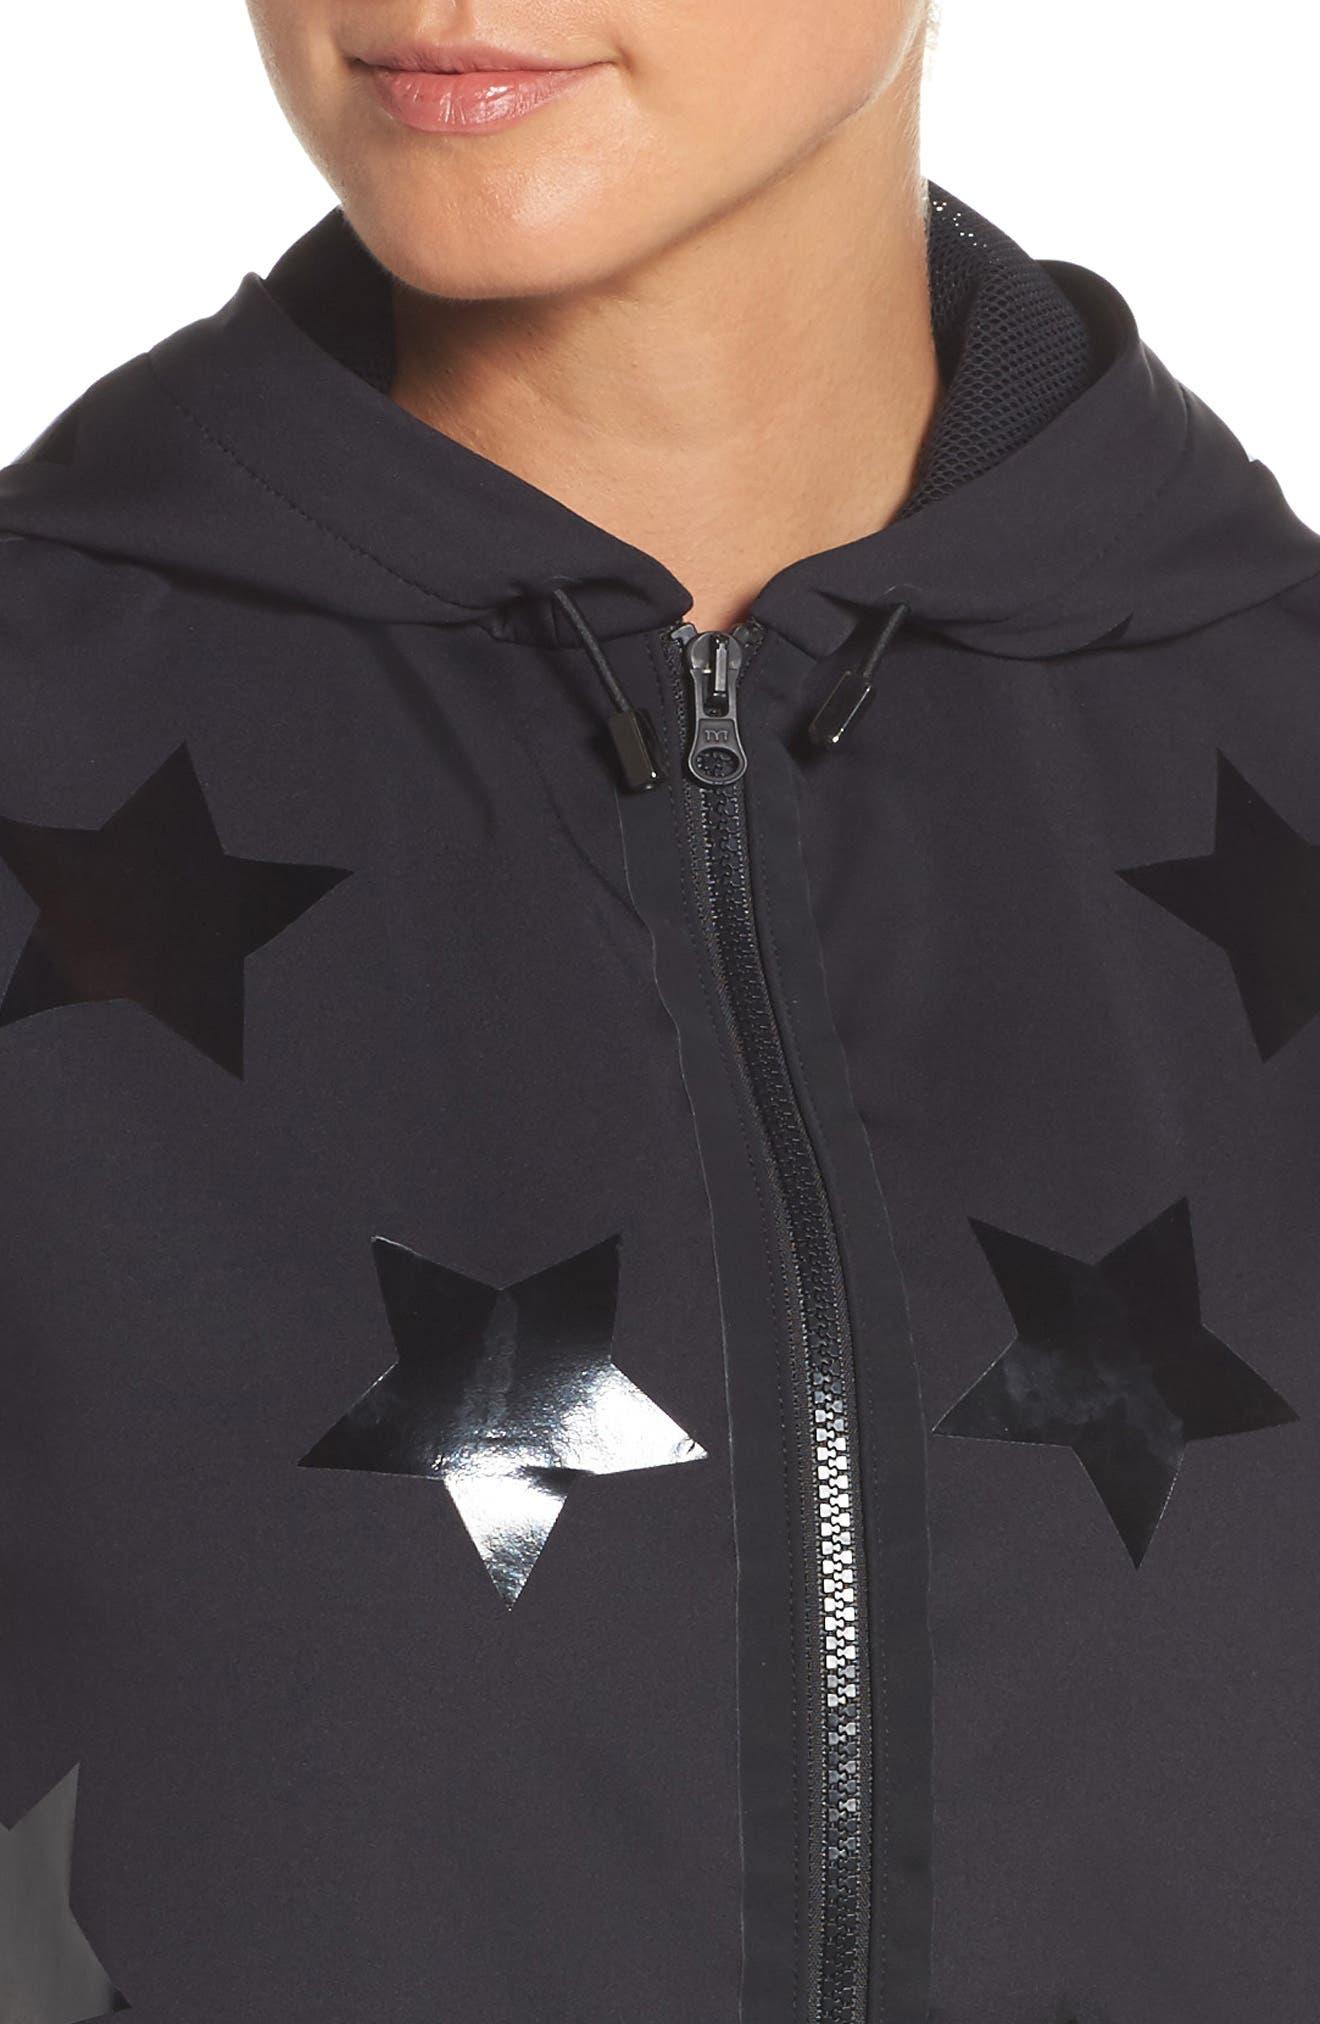 Flux Knockout Hoodie Vest,                             Alternate thumbnail 4, color,                             Nero W/ Patent Nero